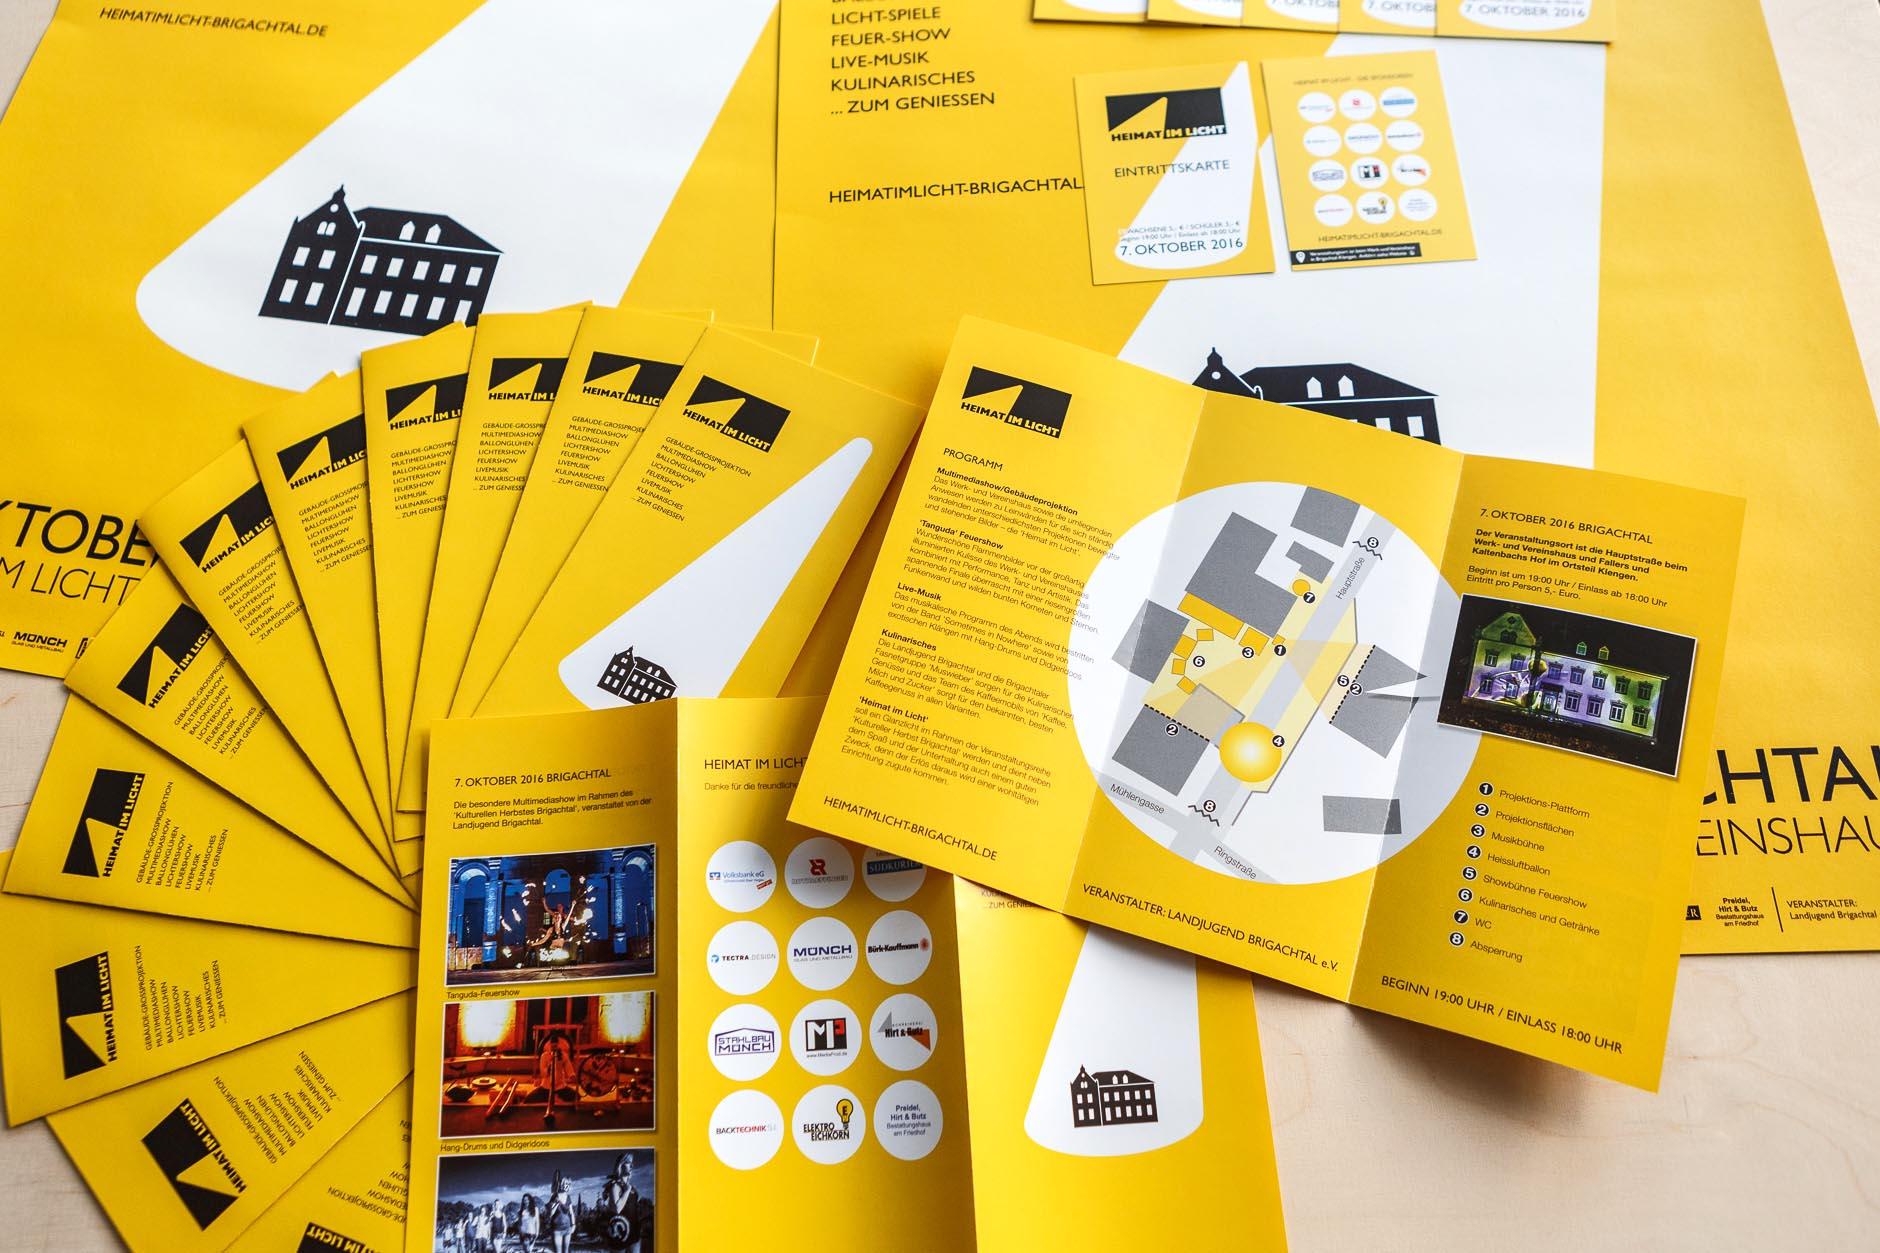 Heimat Im Licht Brigachtal Flyer-HEIMAT IM LICHT Logodesign Webdesign Printdesign